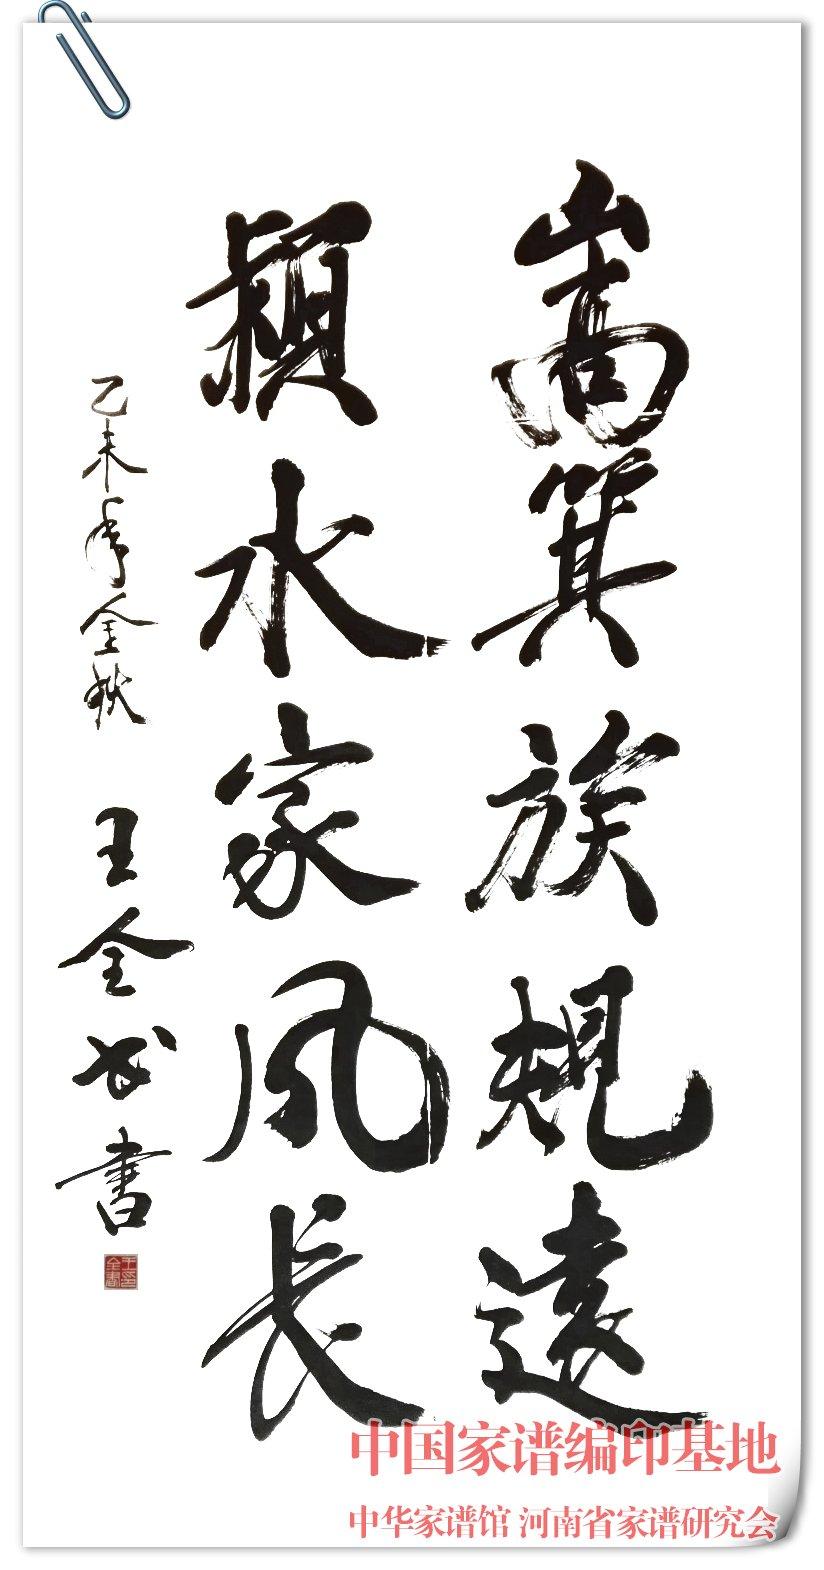 登封市委原书记刘善安为烟庄牛氏族谱题词.jpg